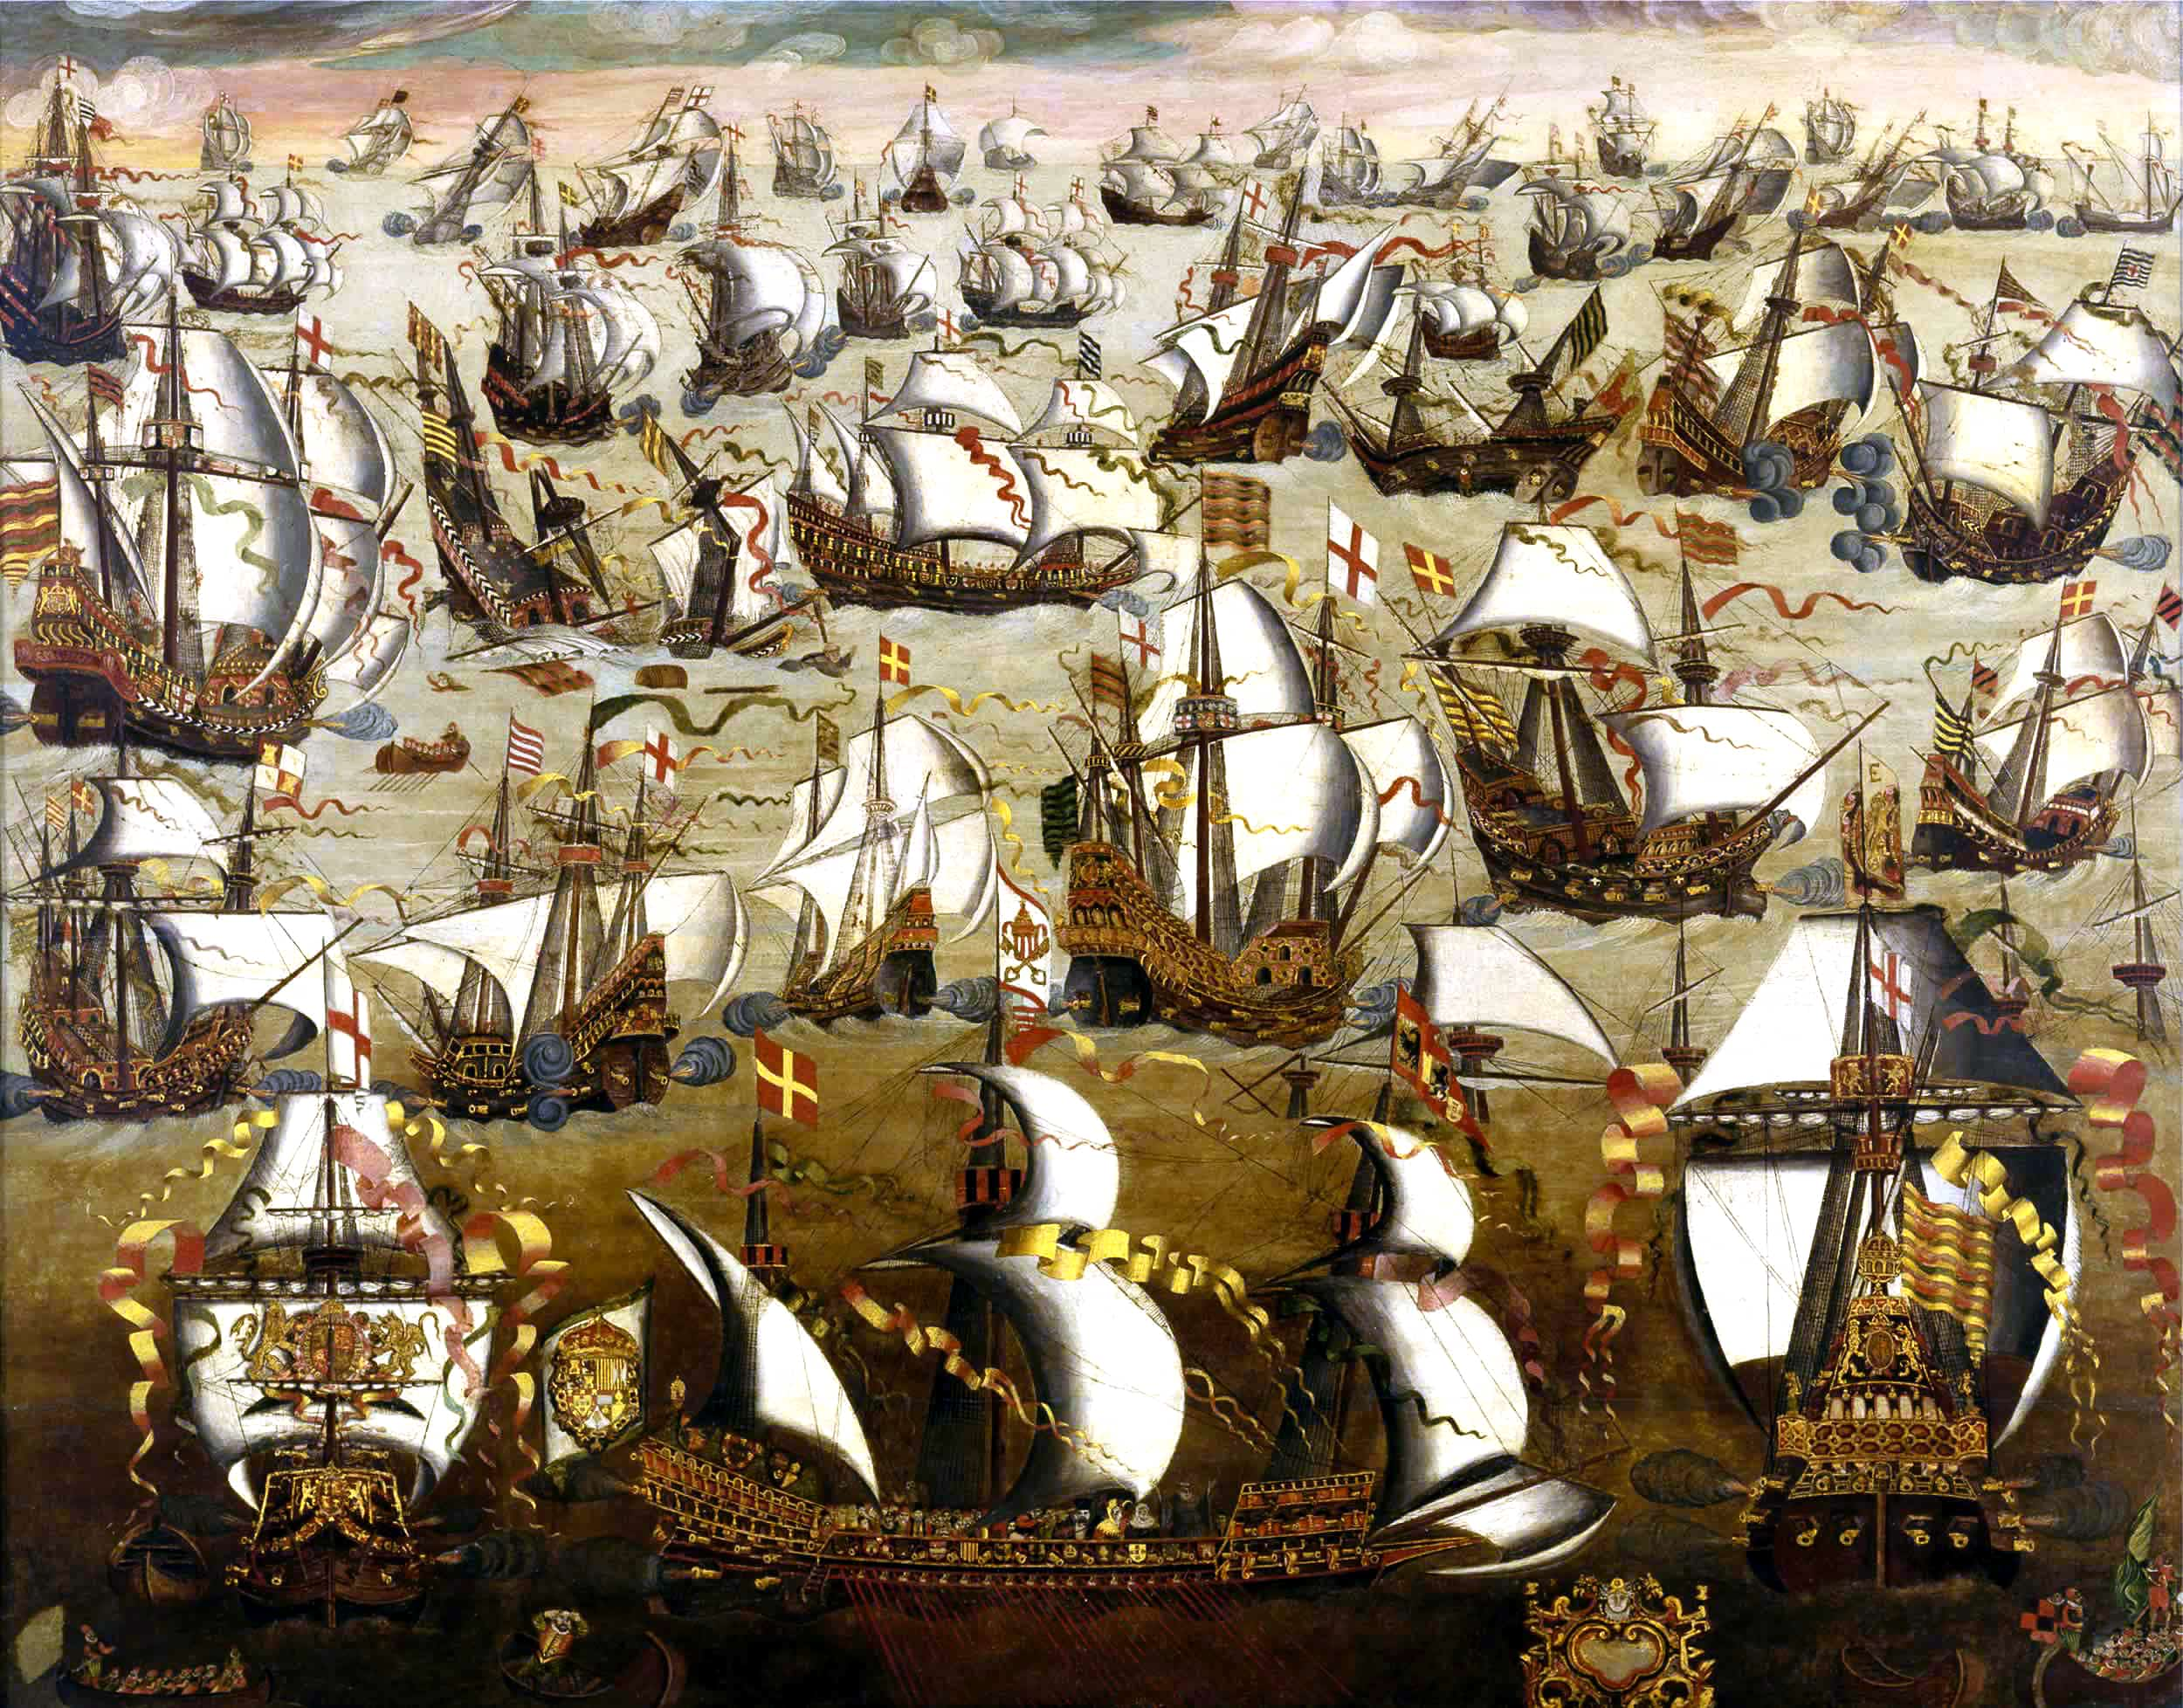 El saqueo español de las costas inglesas 1595